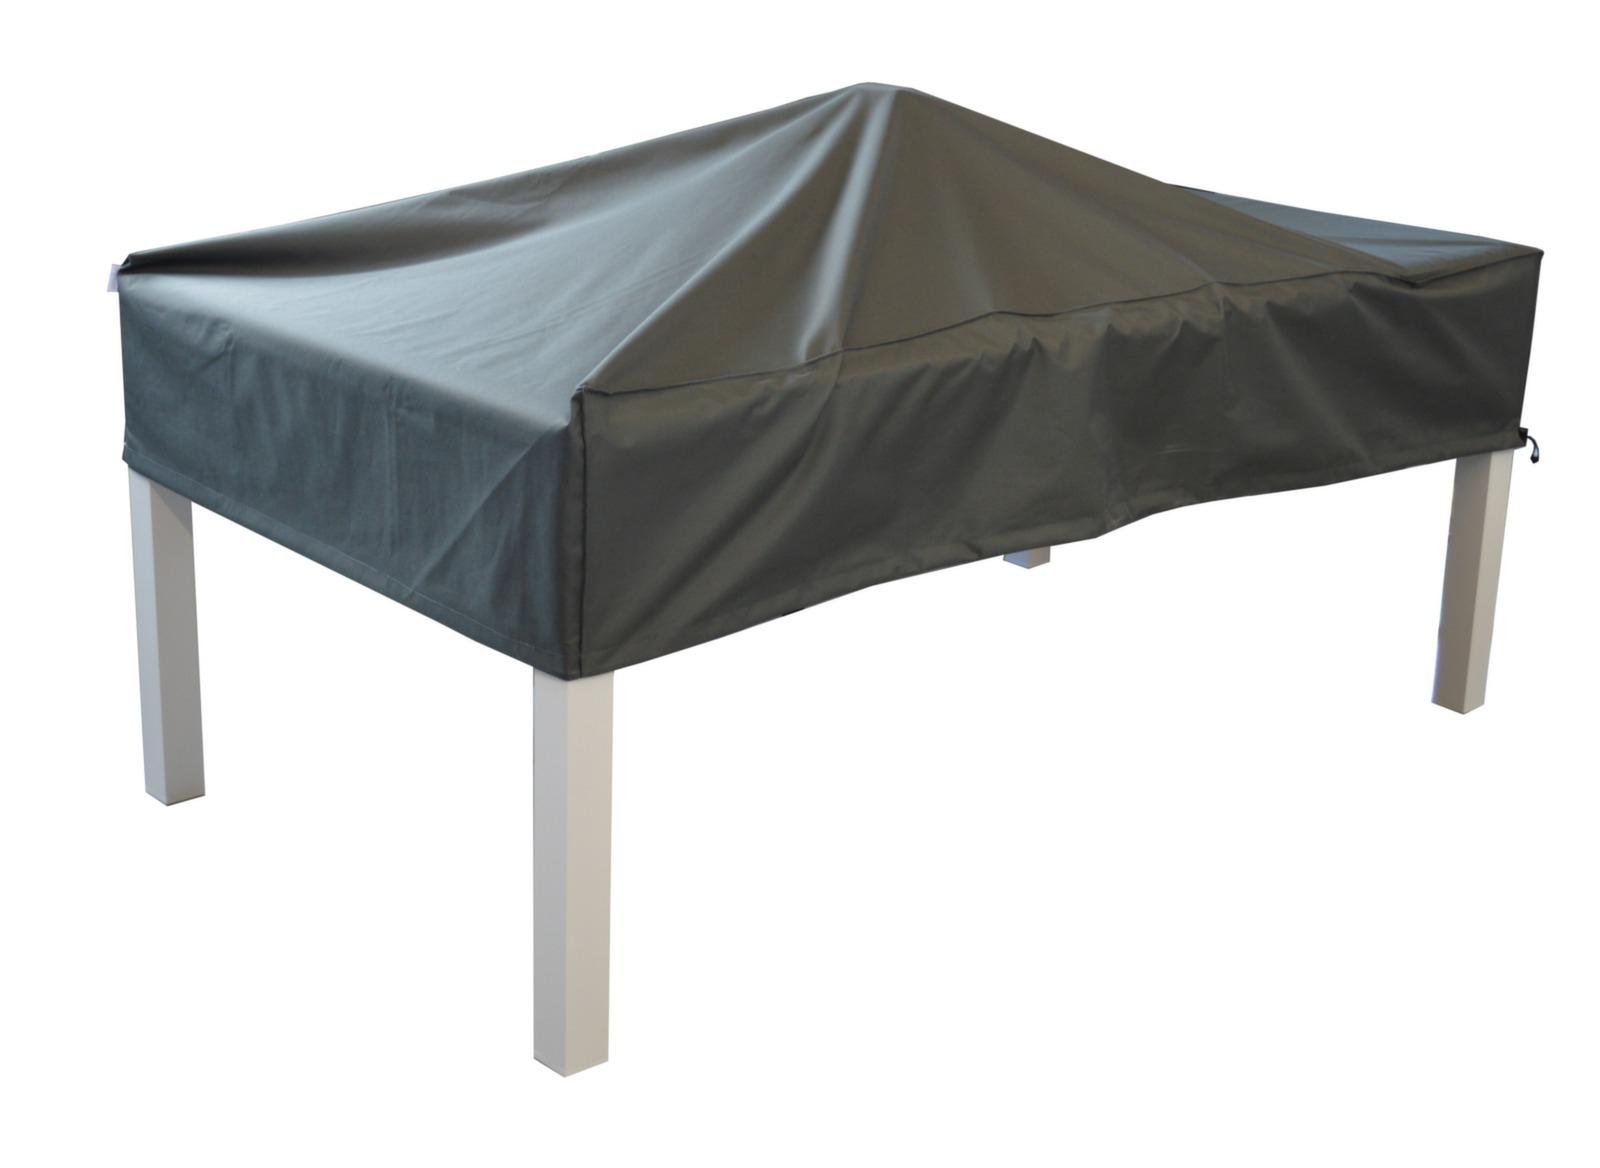 Housse De Protection Pour Tables concernant Bache Table Jardin